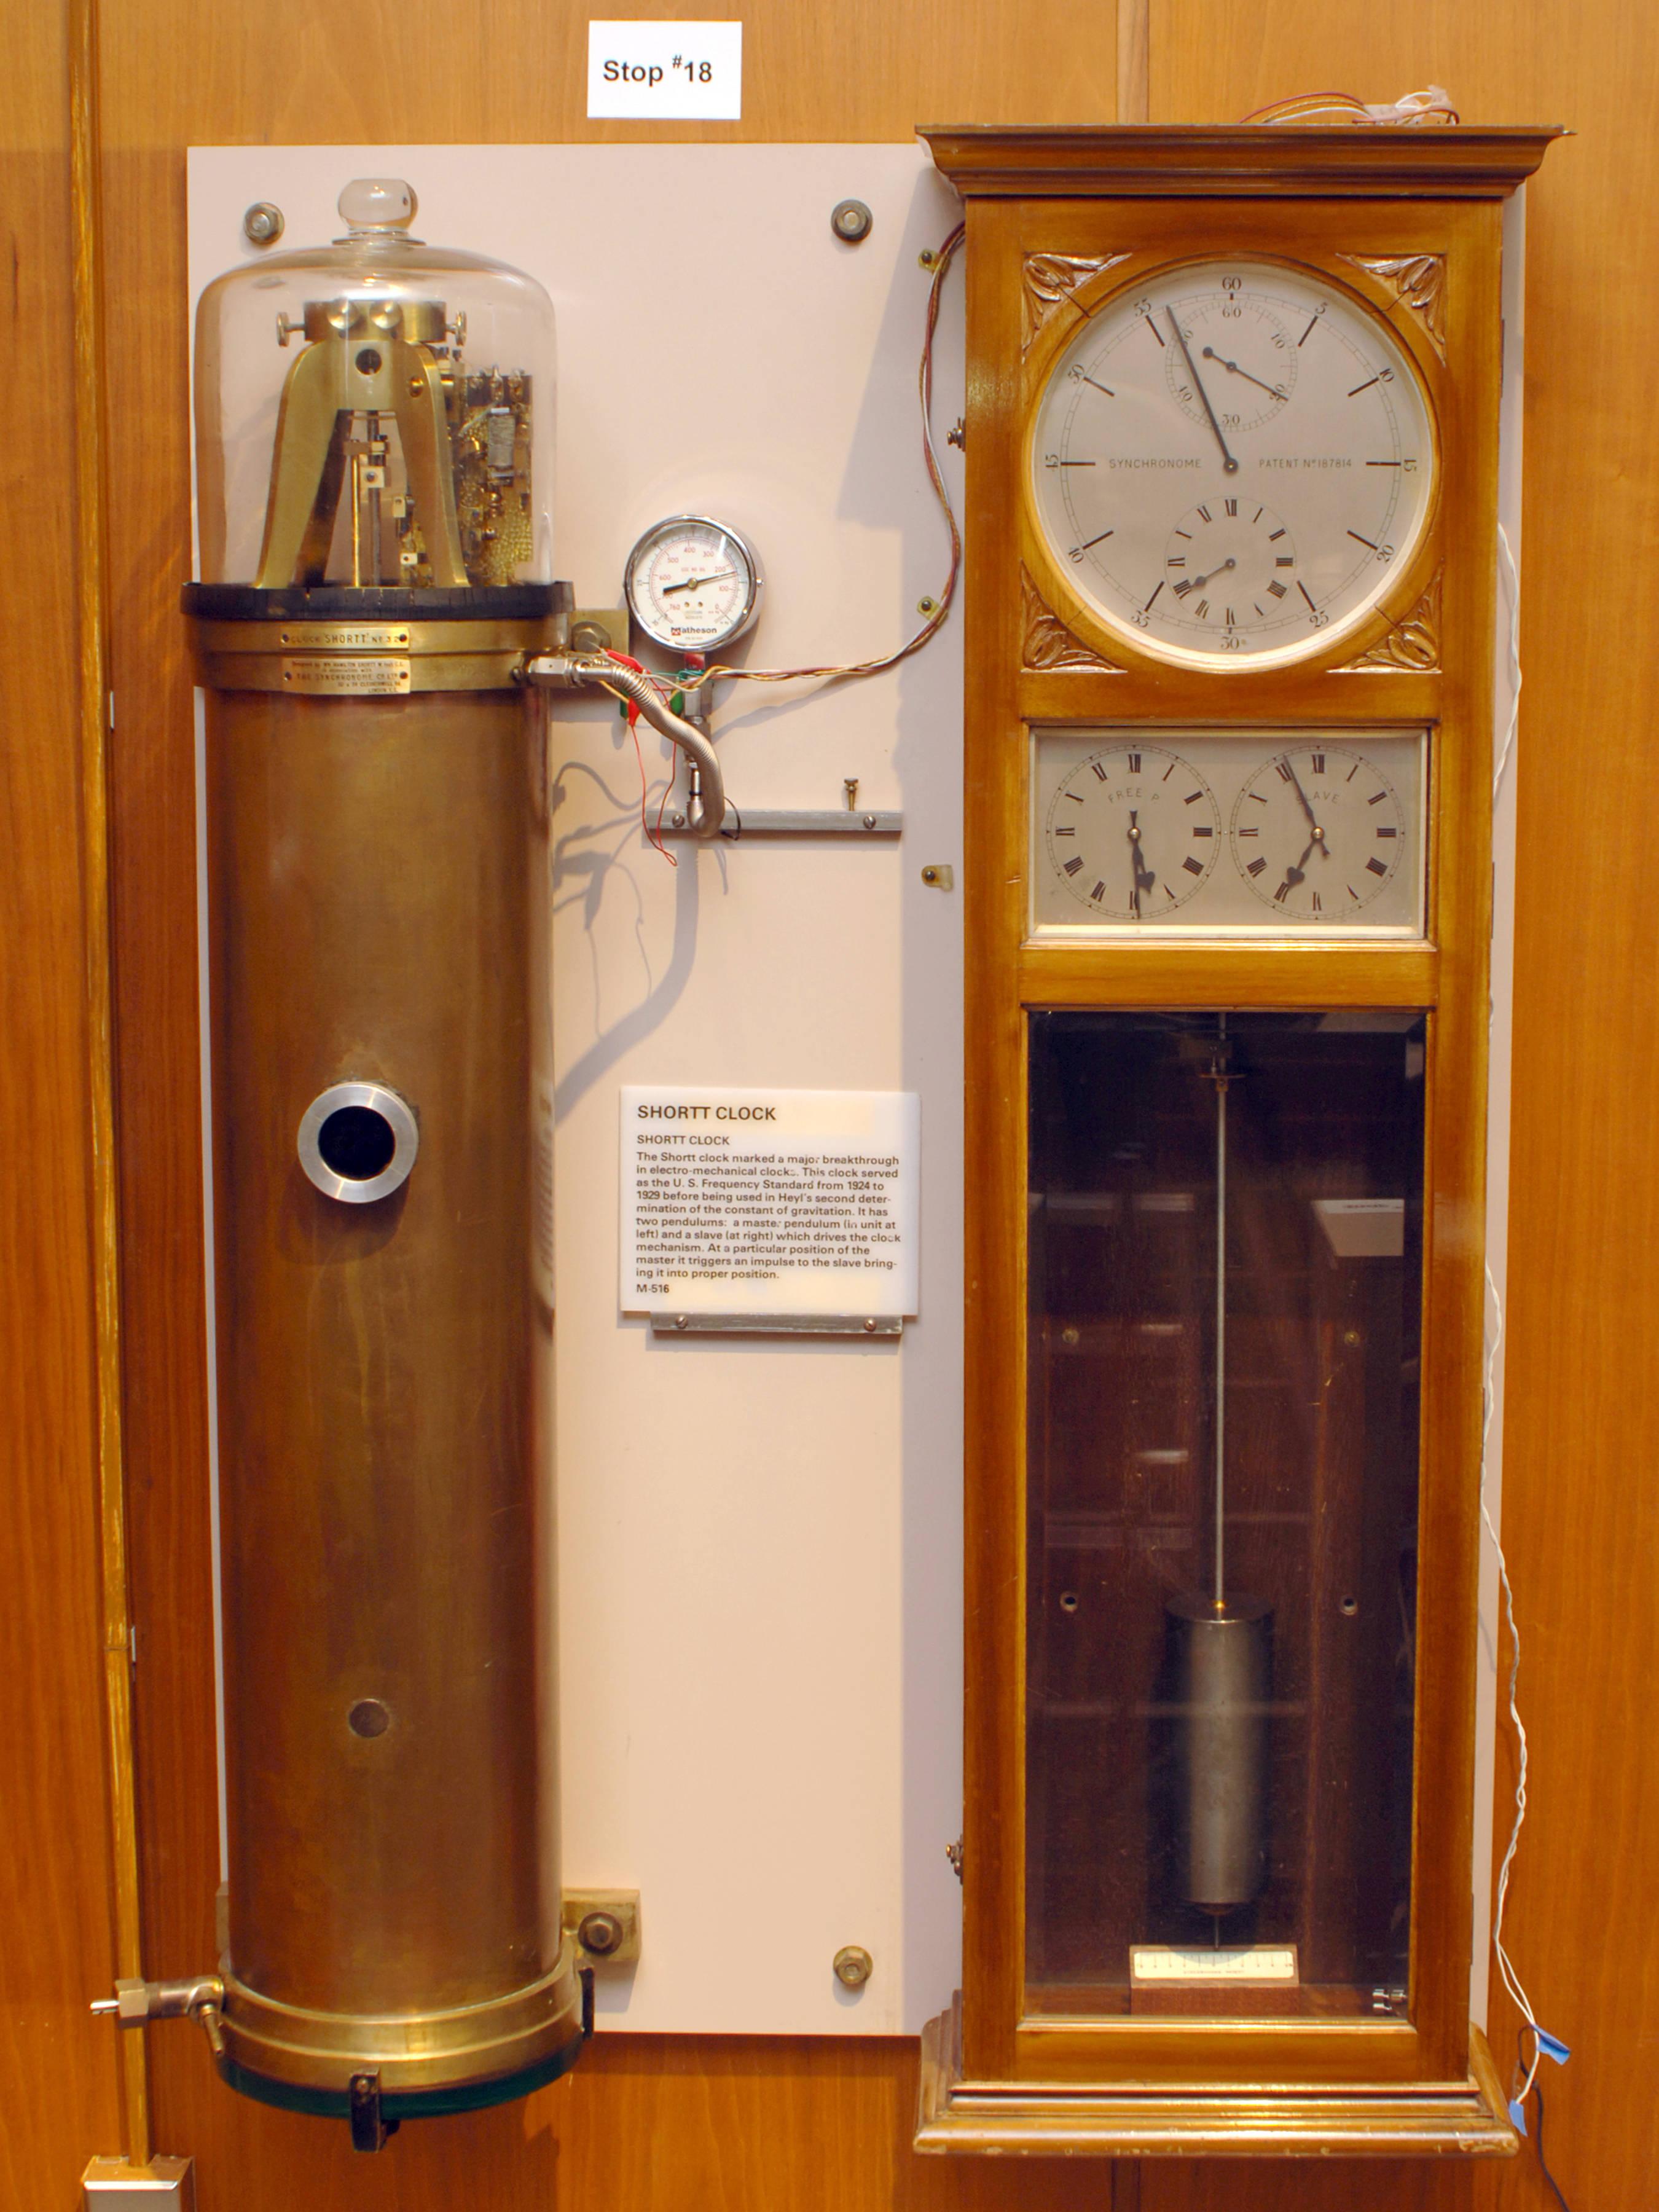 Shortt Synchronome Clock Wikipedia